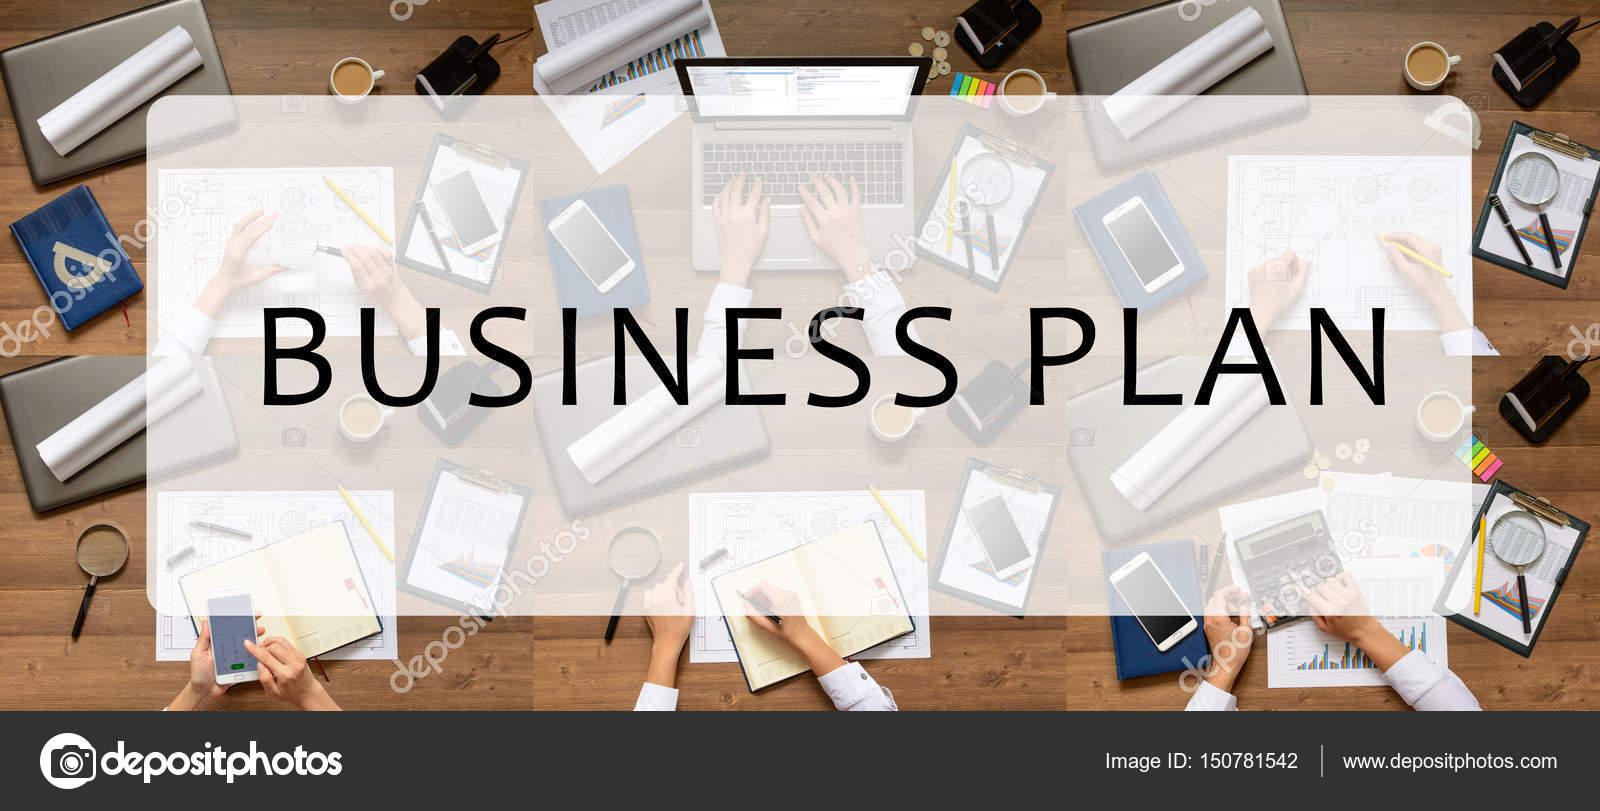 Zusammensetzung Set Bilder Von Buroartikel Themen Mit Text Business